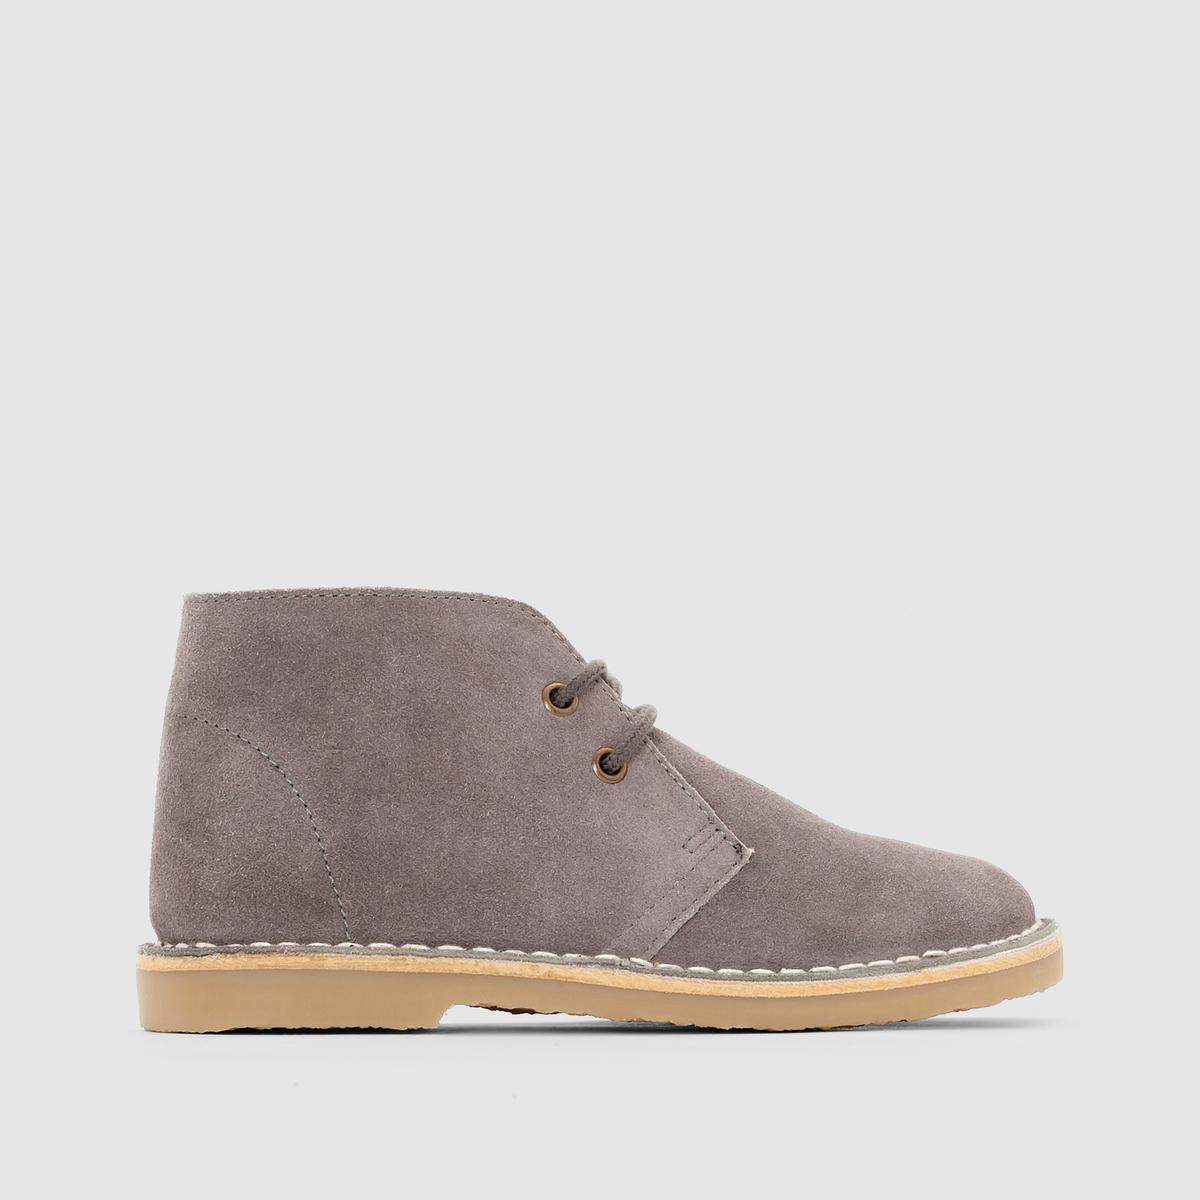 Ботинки кожаные на шнуровке полусапоги на шнуровке женские